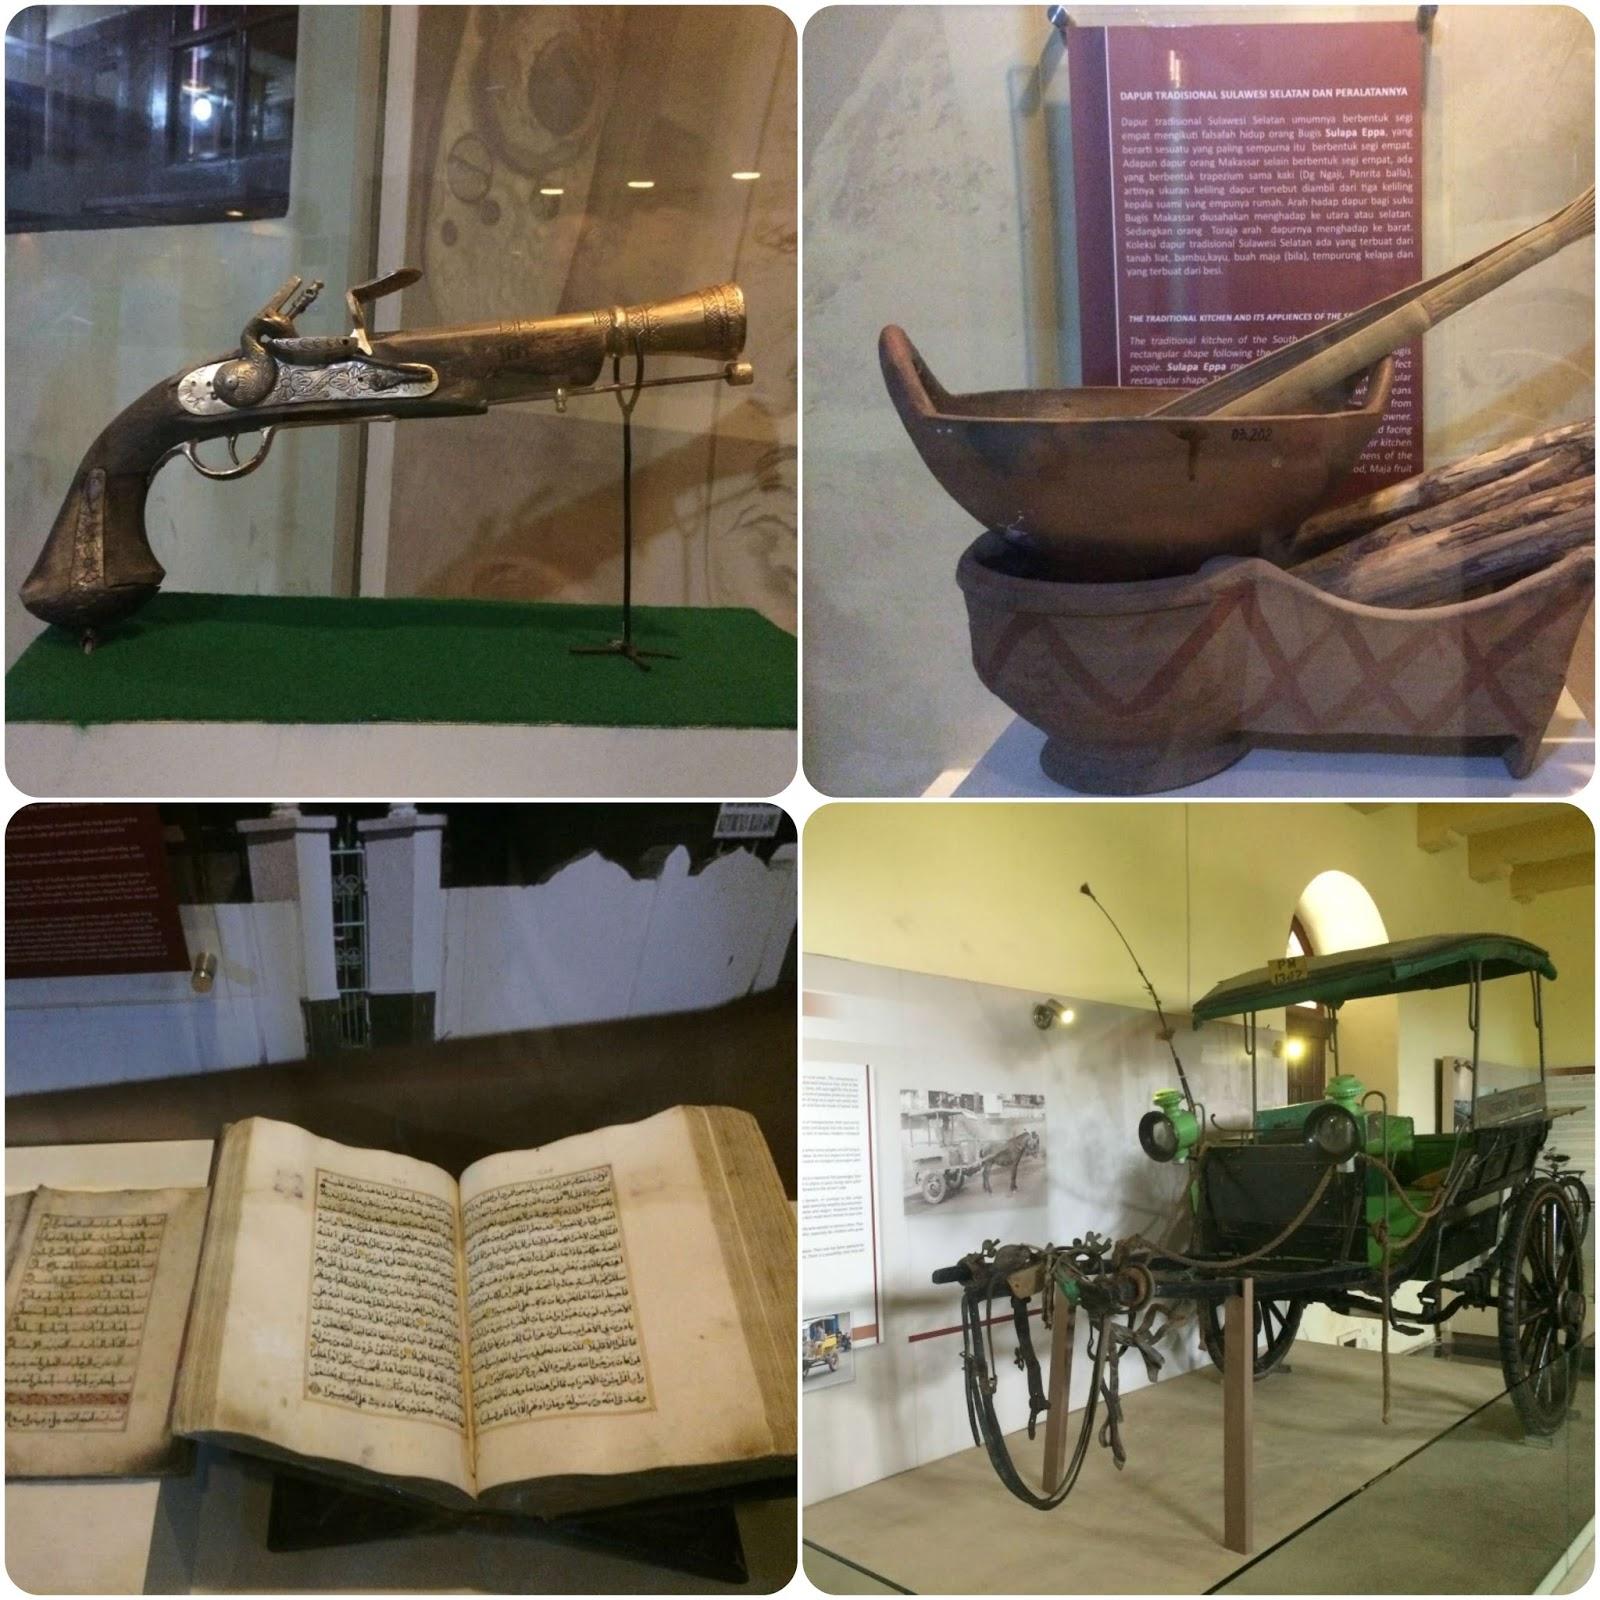 Koleksi Pistol hingga Dokar Lawas di Museum La Galigo